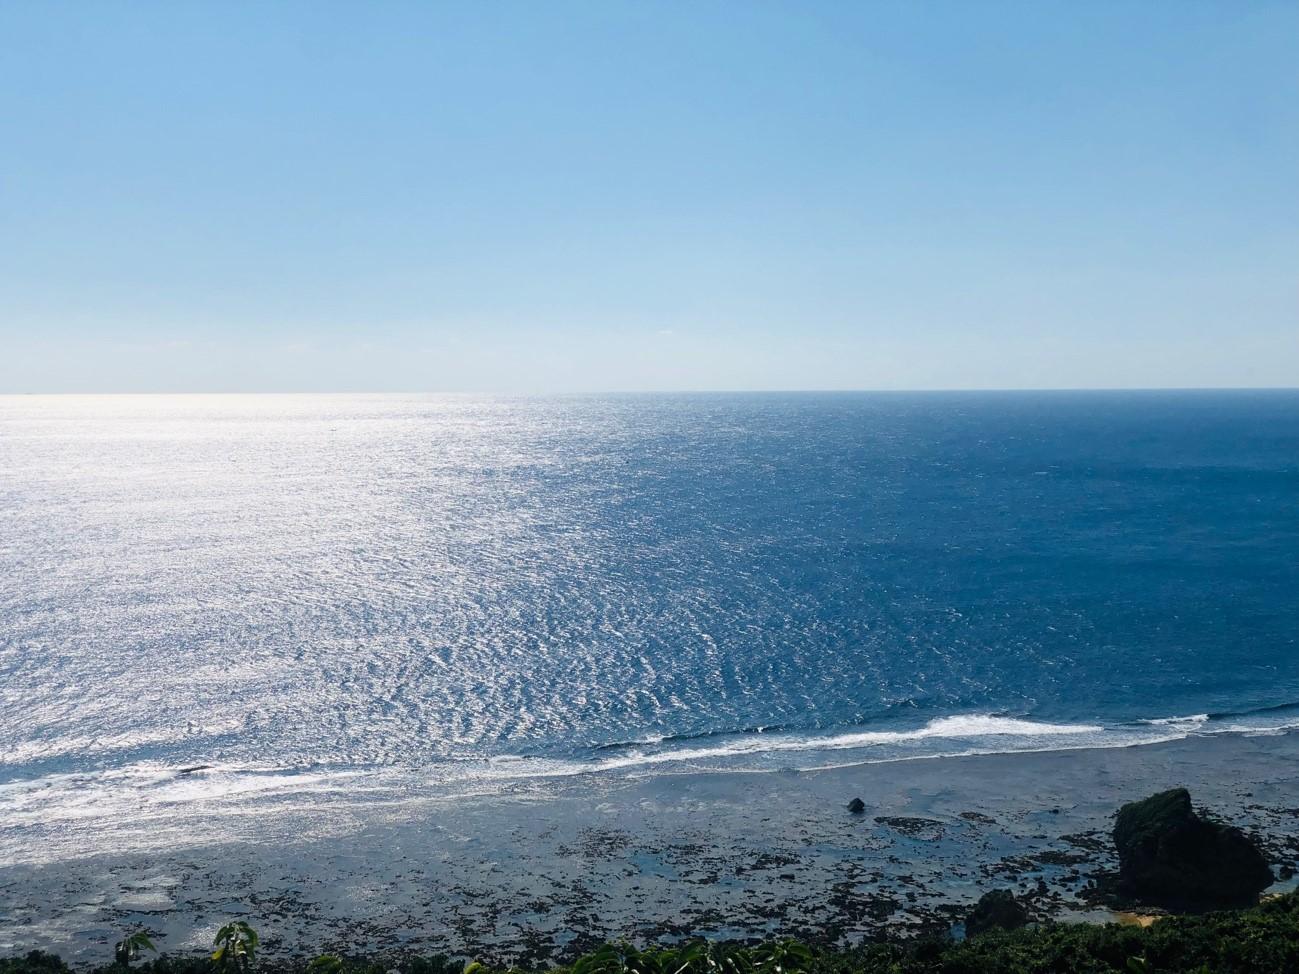 沖縄県糸満市「平和祈念公園」の「摩文仁の丘」の頂上から下り道 橋から海を眺める